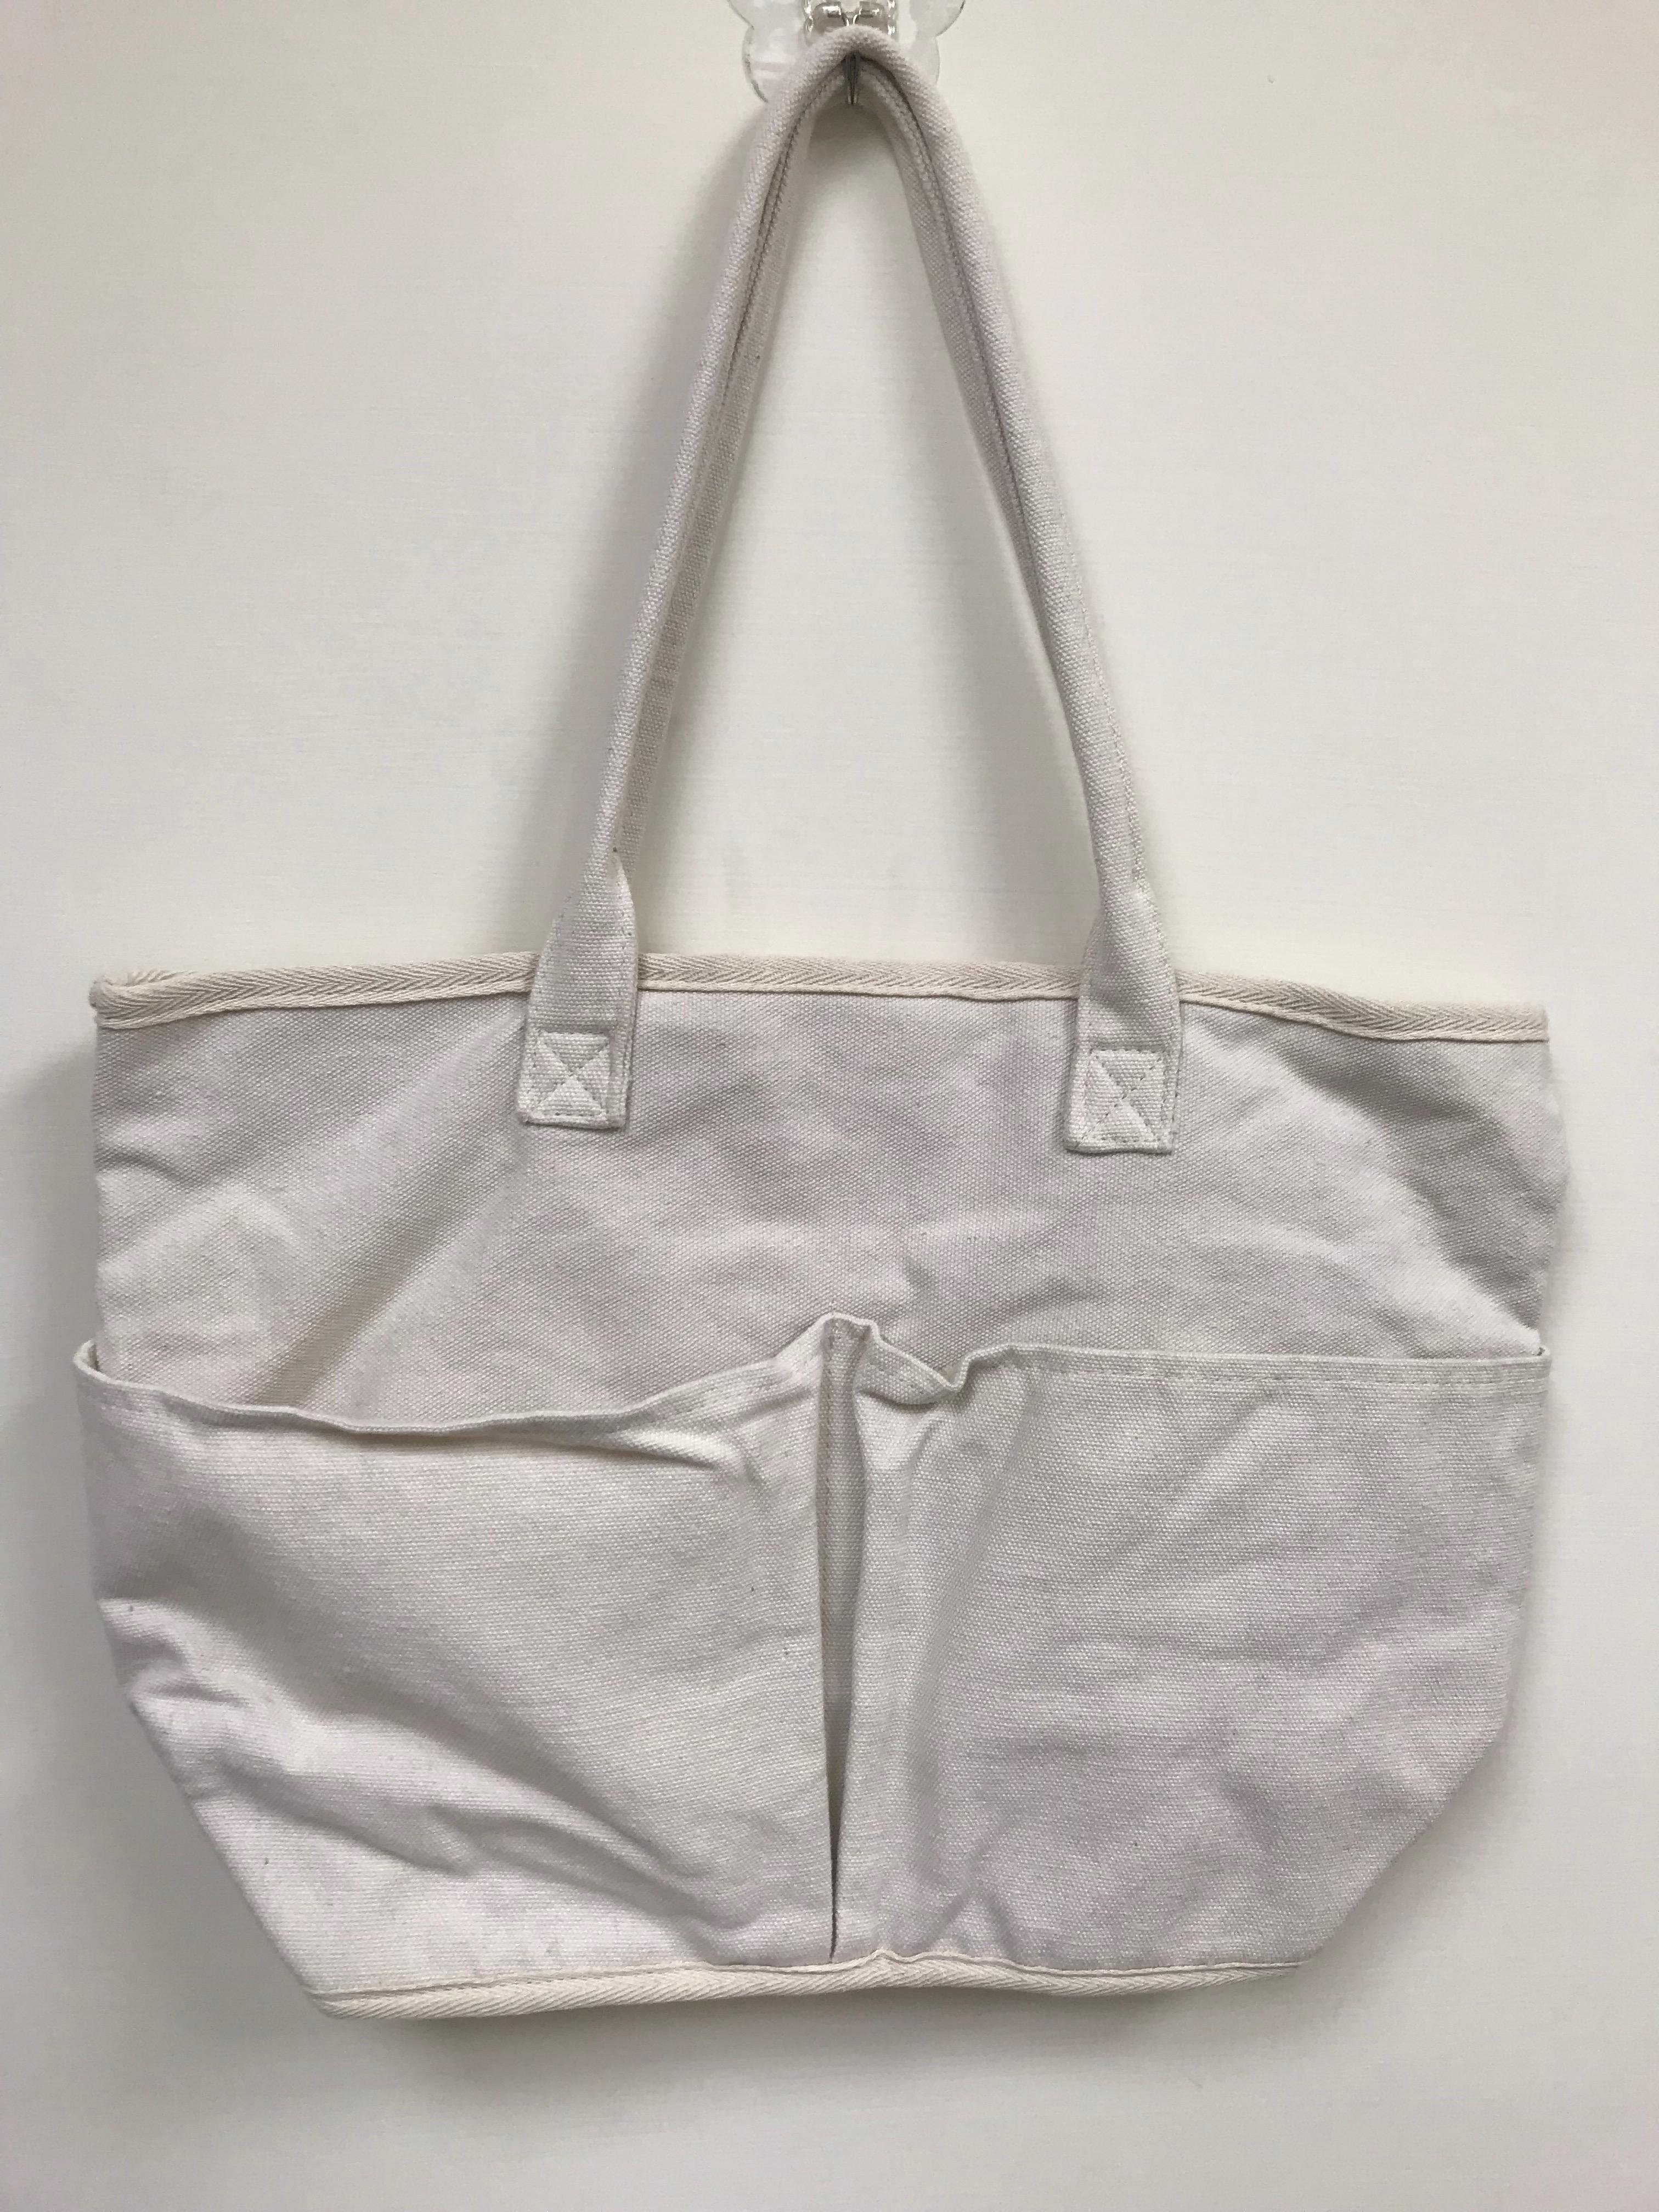 棉帆布T型袋 編號: CS-CA0009